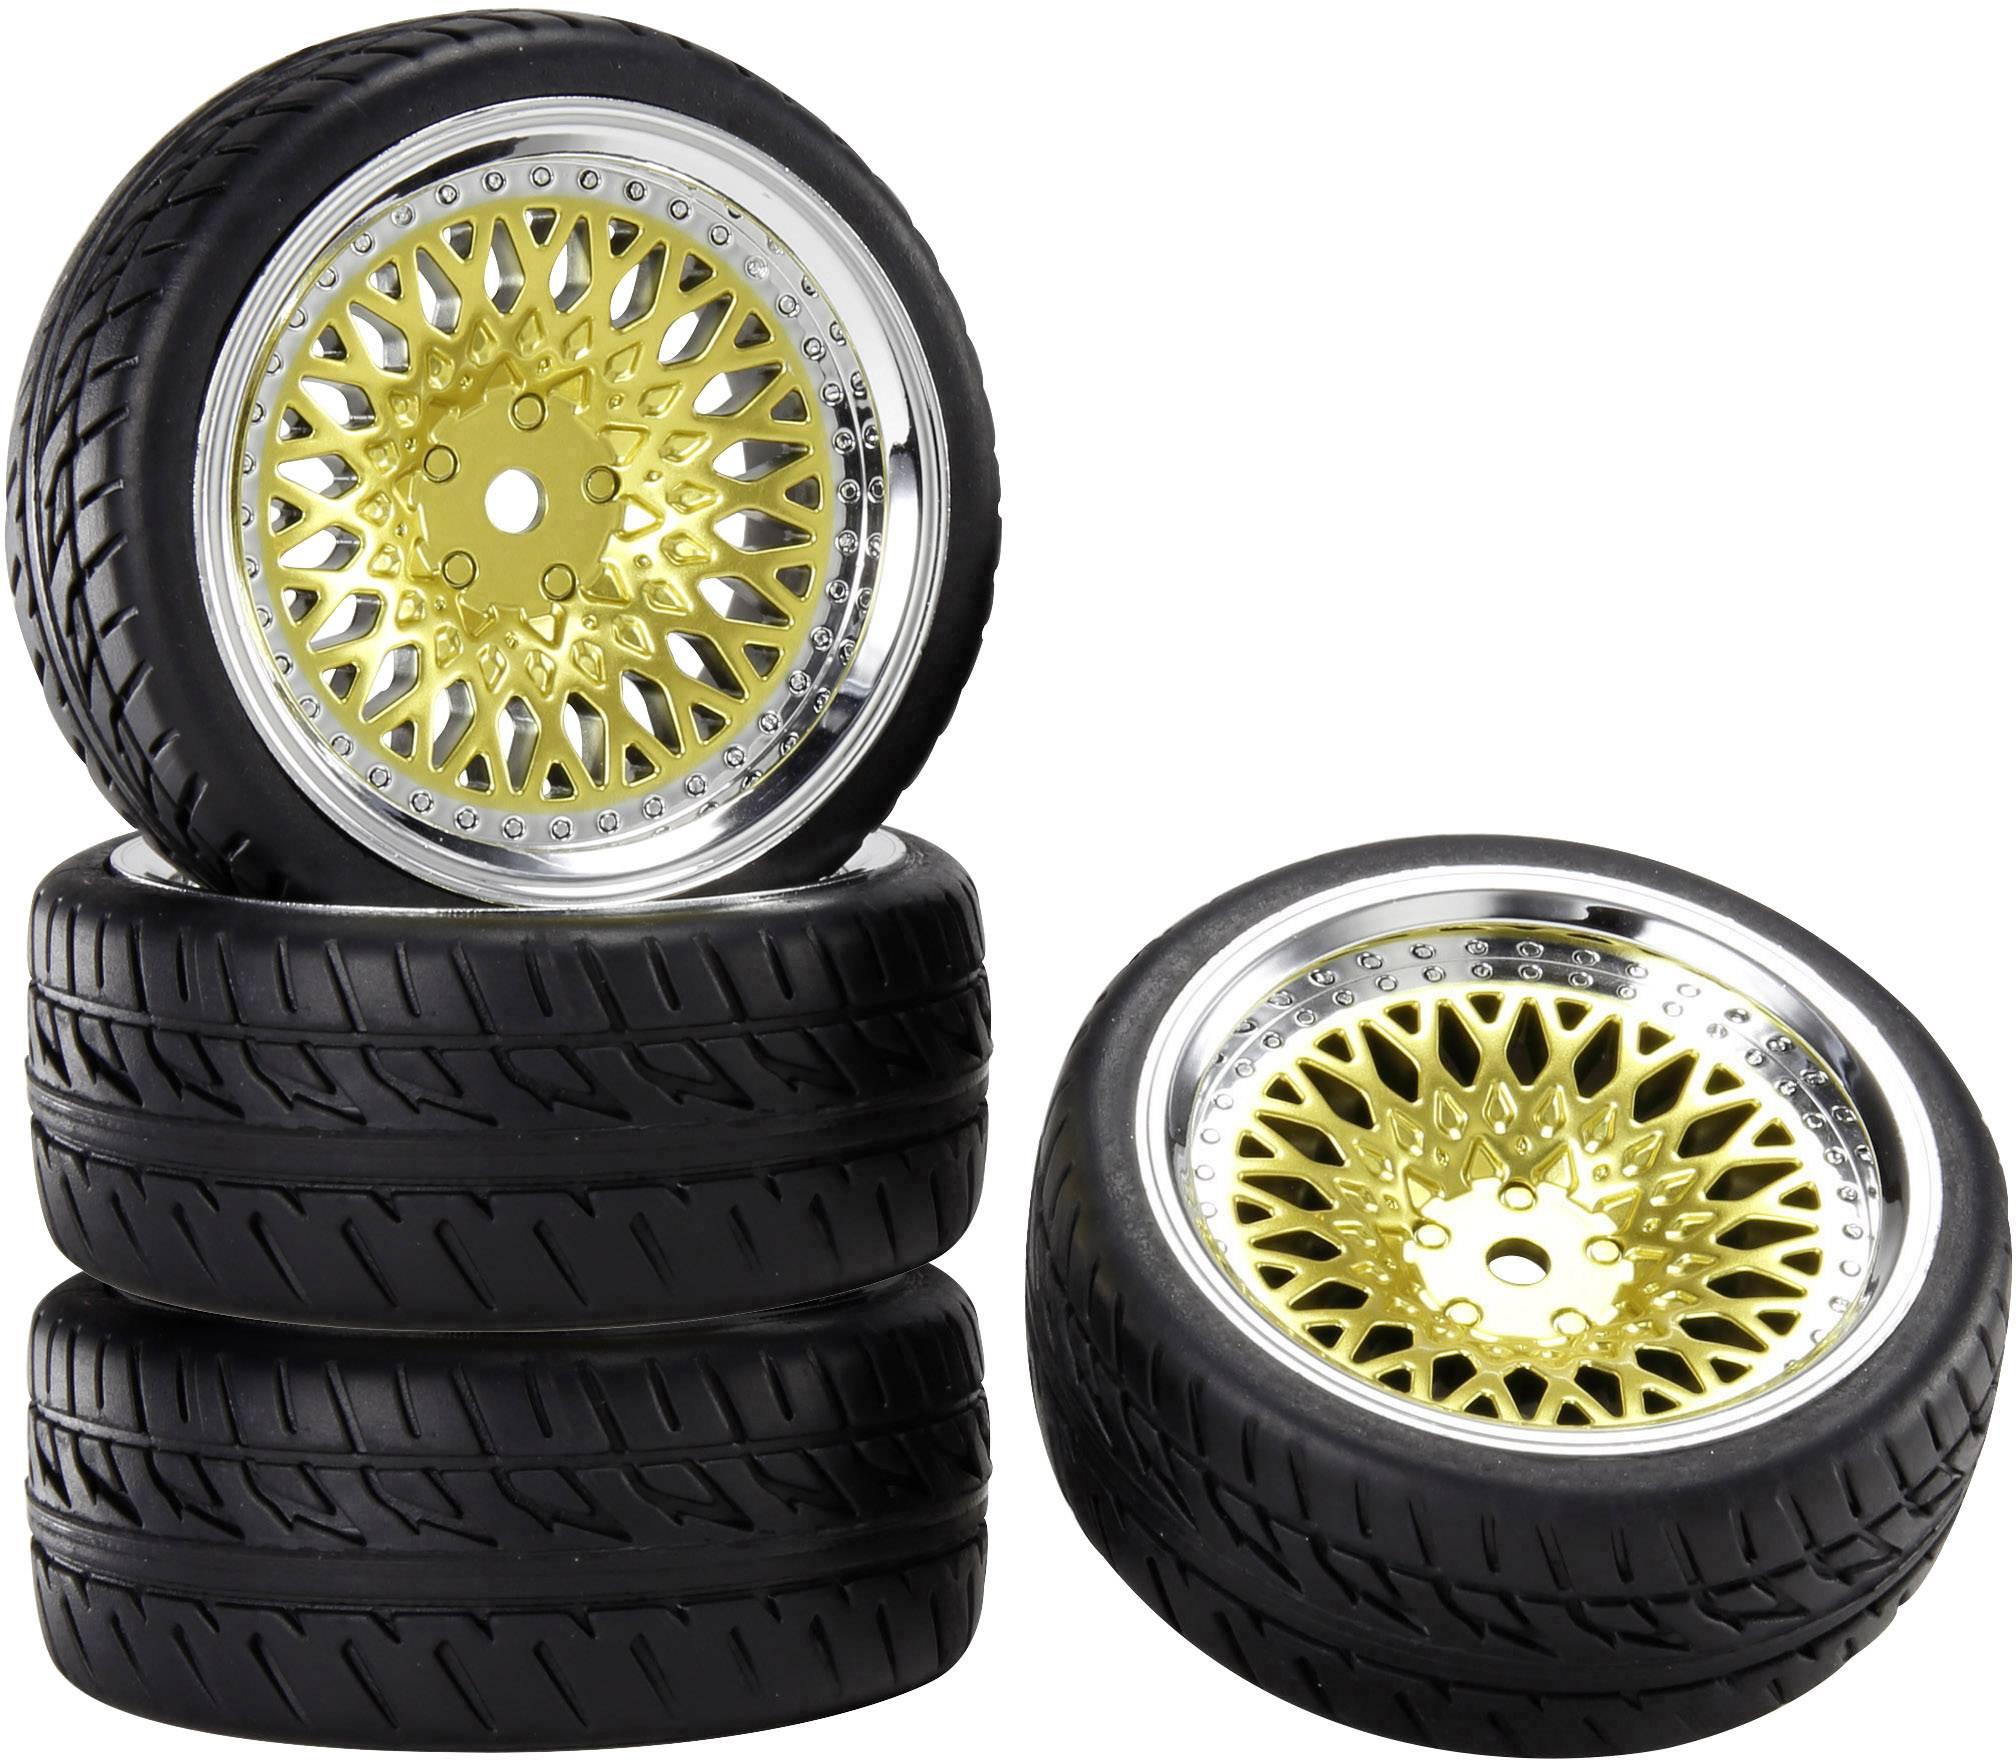 Kompletné kolesá Reely 1:10 cestný model zlatá 4 ks